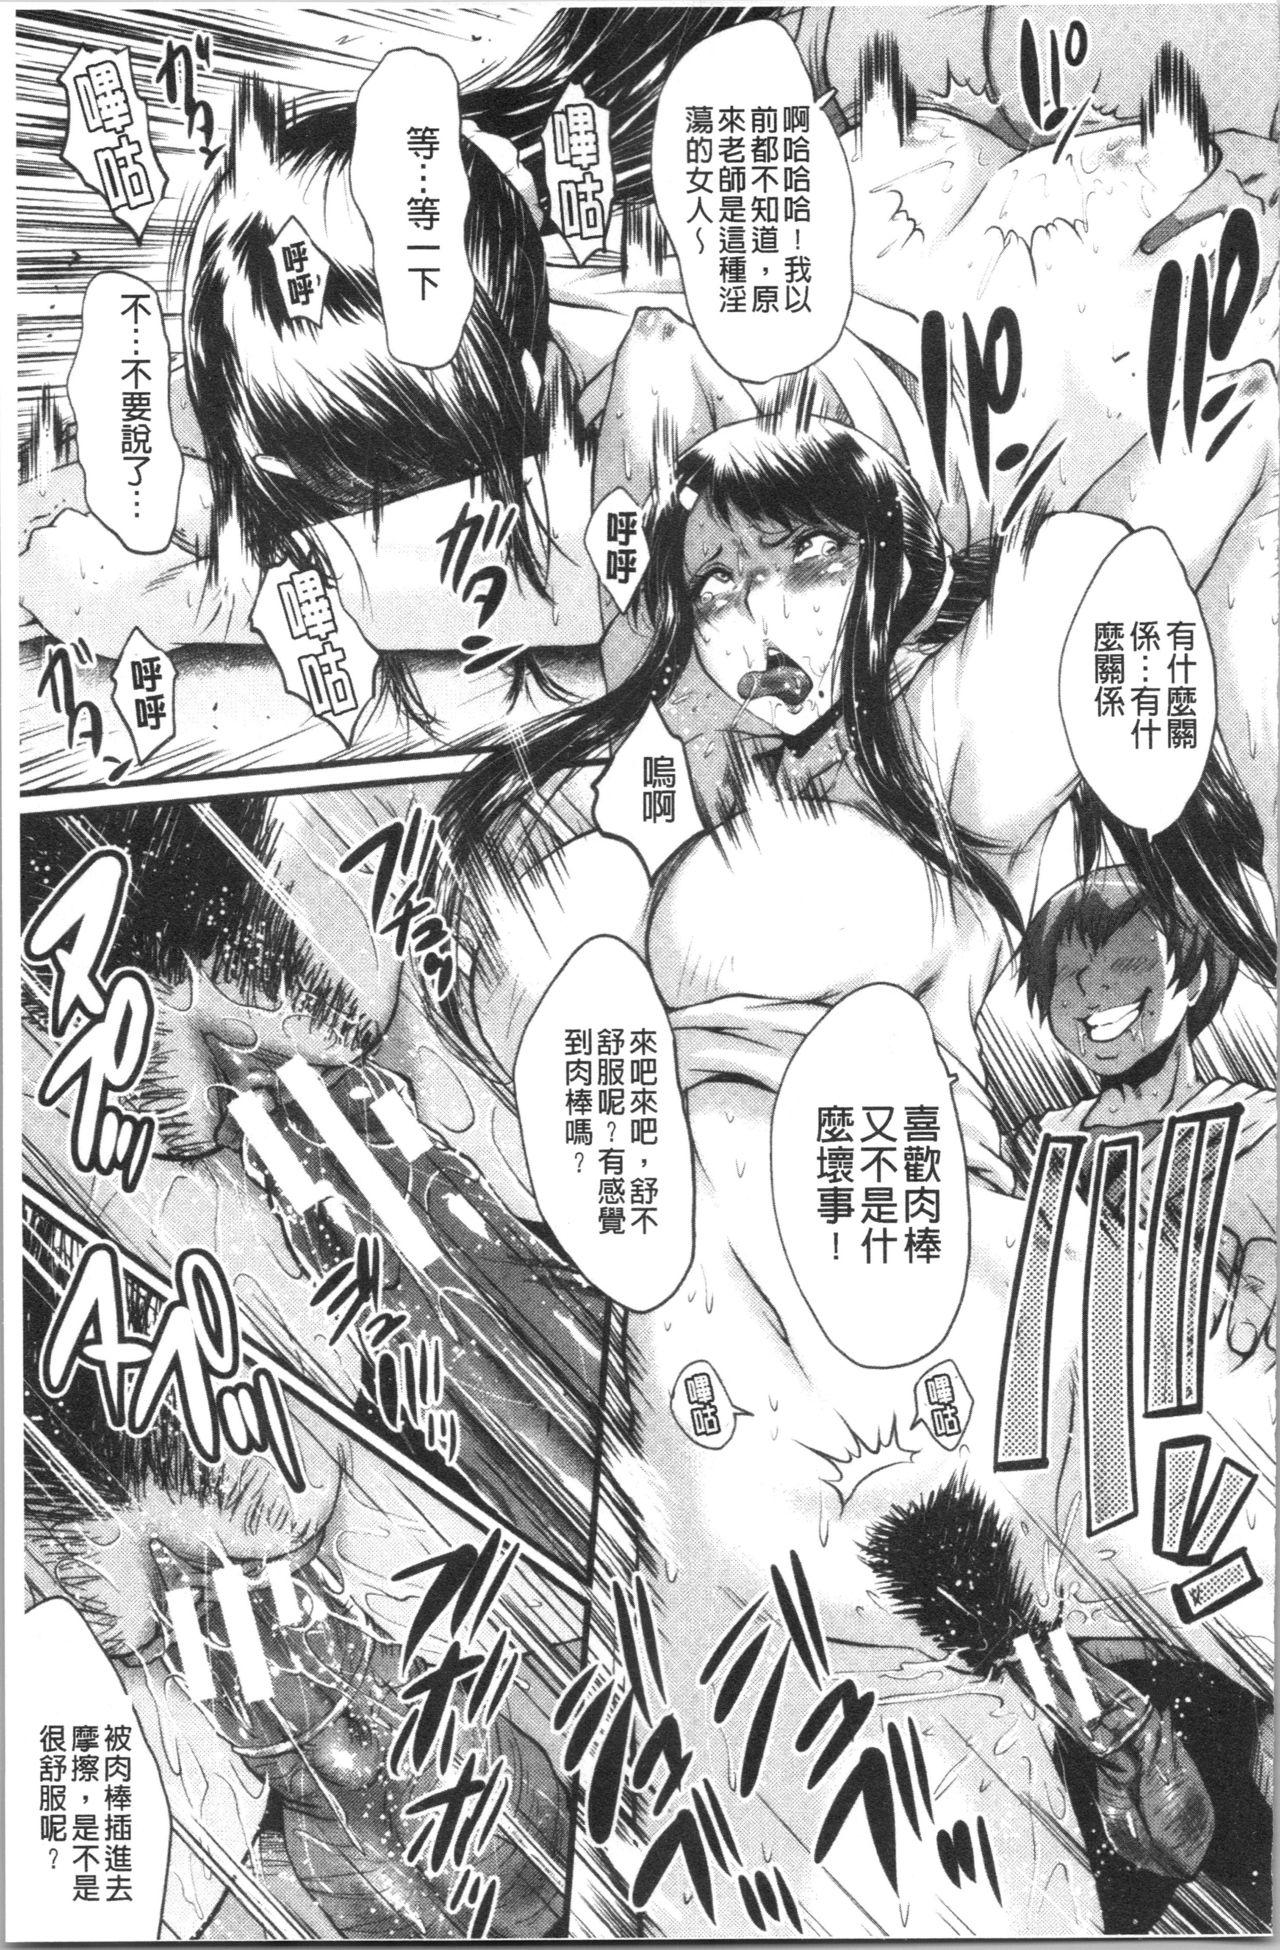 Bokuno Kanojo ga Kusogaki ni Netorareta Hanashi 90